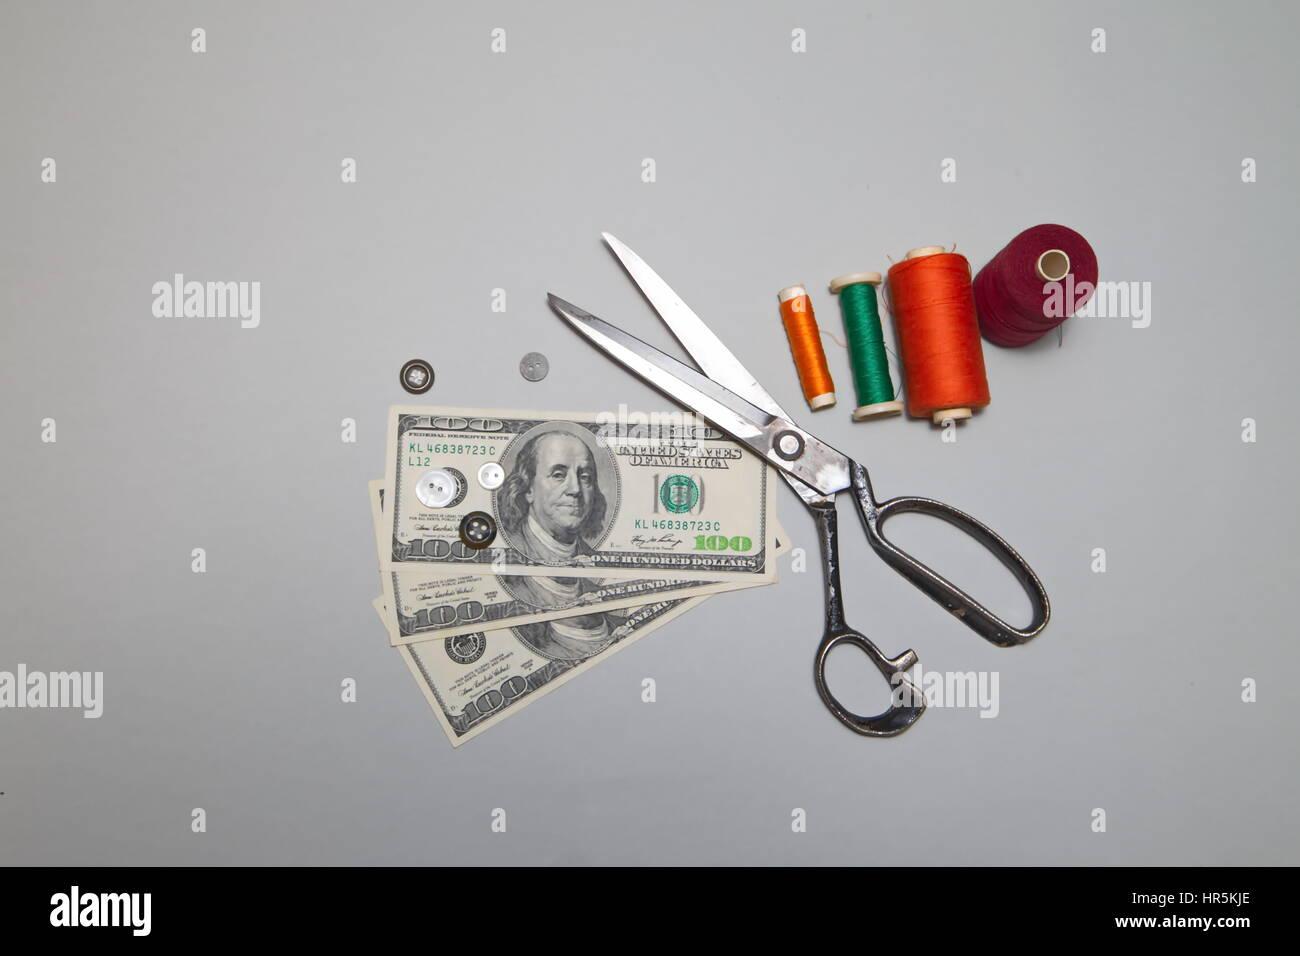 Usted puede hacer dinero de la costura. Los dólares americanos y accesorios para corte y costura Foto de stock